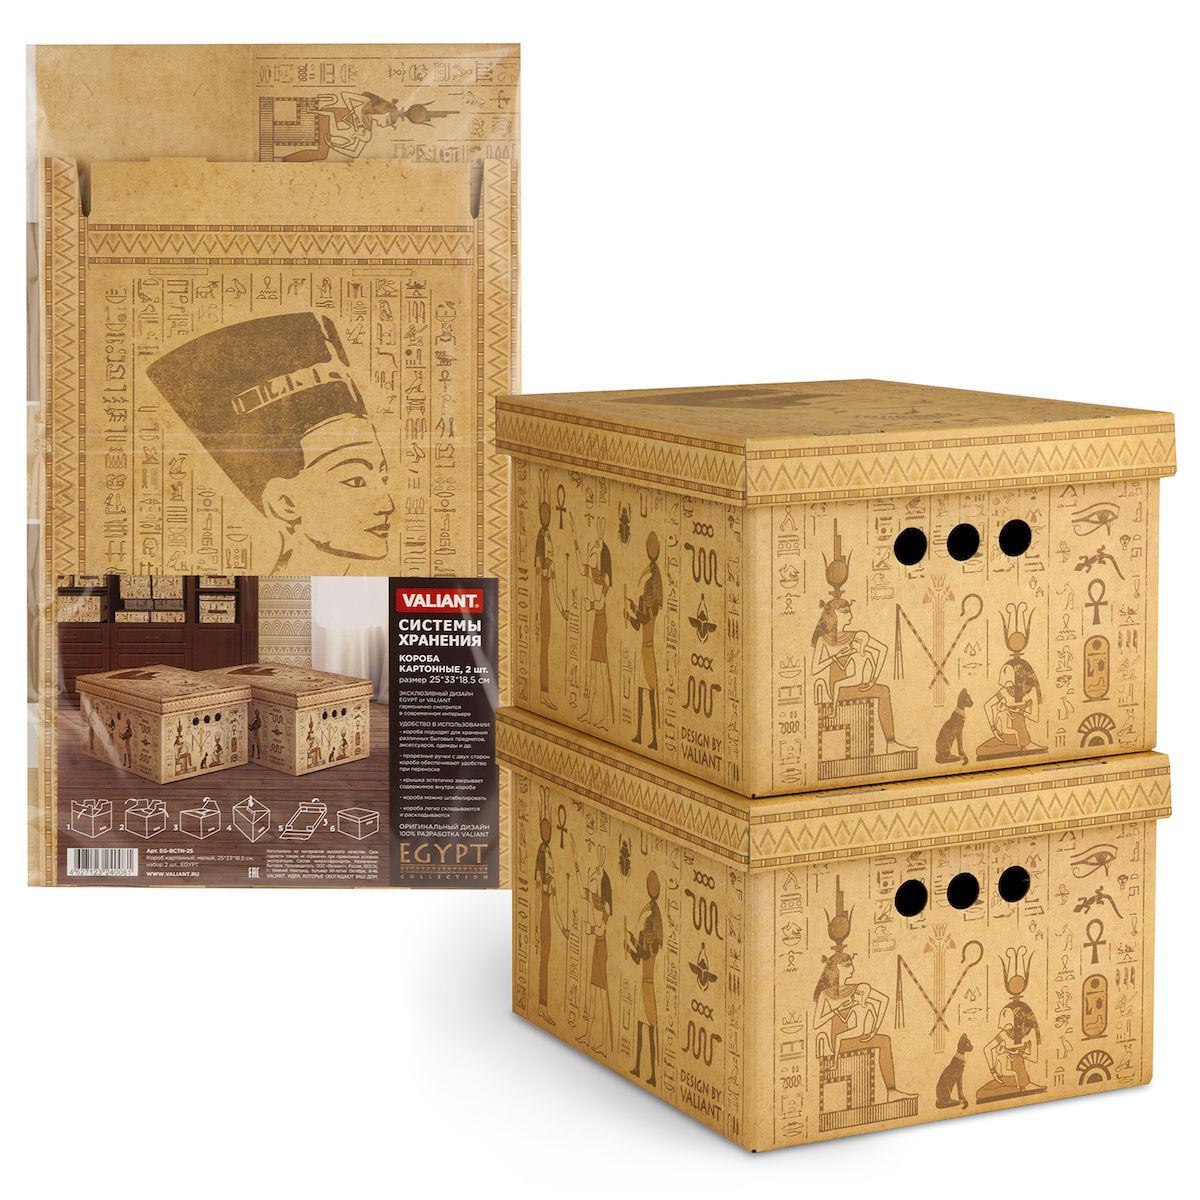 Короб для хранения Valiant Egypt, складной, 25 х 33 х 18,5 см, 2 штEG-BCTN-2SКороб для хранения Valiant Egypt изготовлен из картона. Изделие легко и быстро складывается. Оснащен крышкой и тремя отверстиями, которые позволяют удобно его выдвигать. Такой короб прекрасно подойдет для хранения бытовых мелочей, аксессуаров для рукоделия и других мелких предметов. С ним все мелкие вещи будут храниться аккуратно и не потеряются. Размер изделия (в собранном виде): 25 х 33 х 18,5 см.